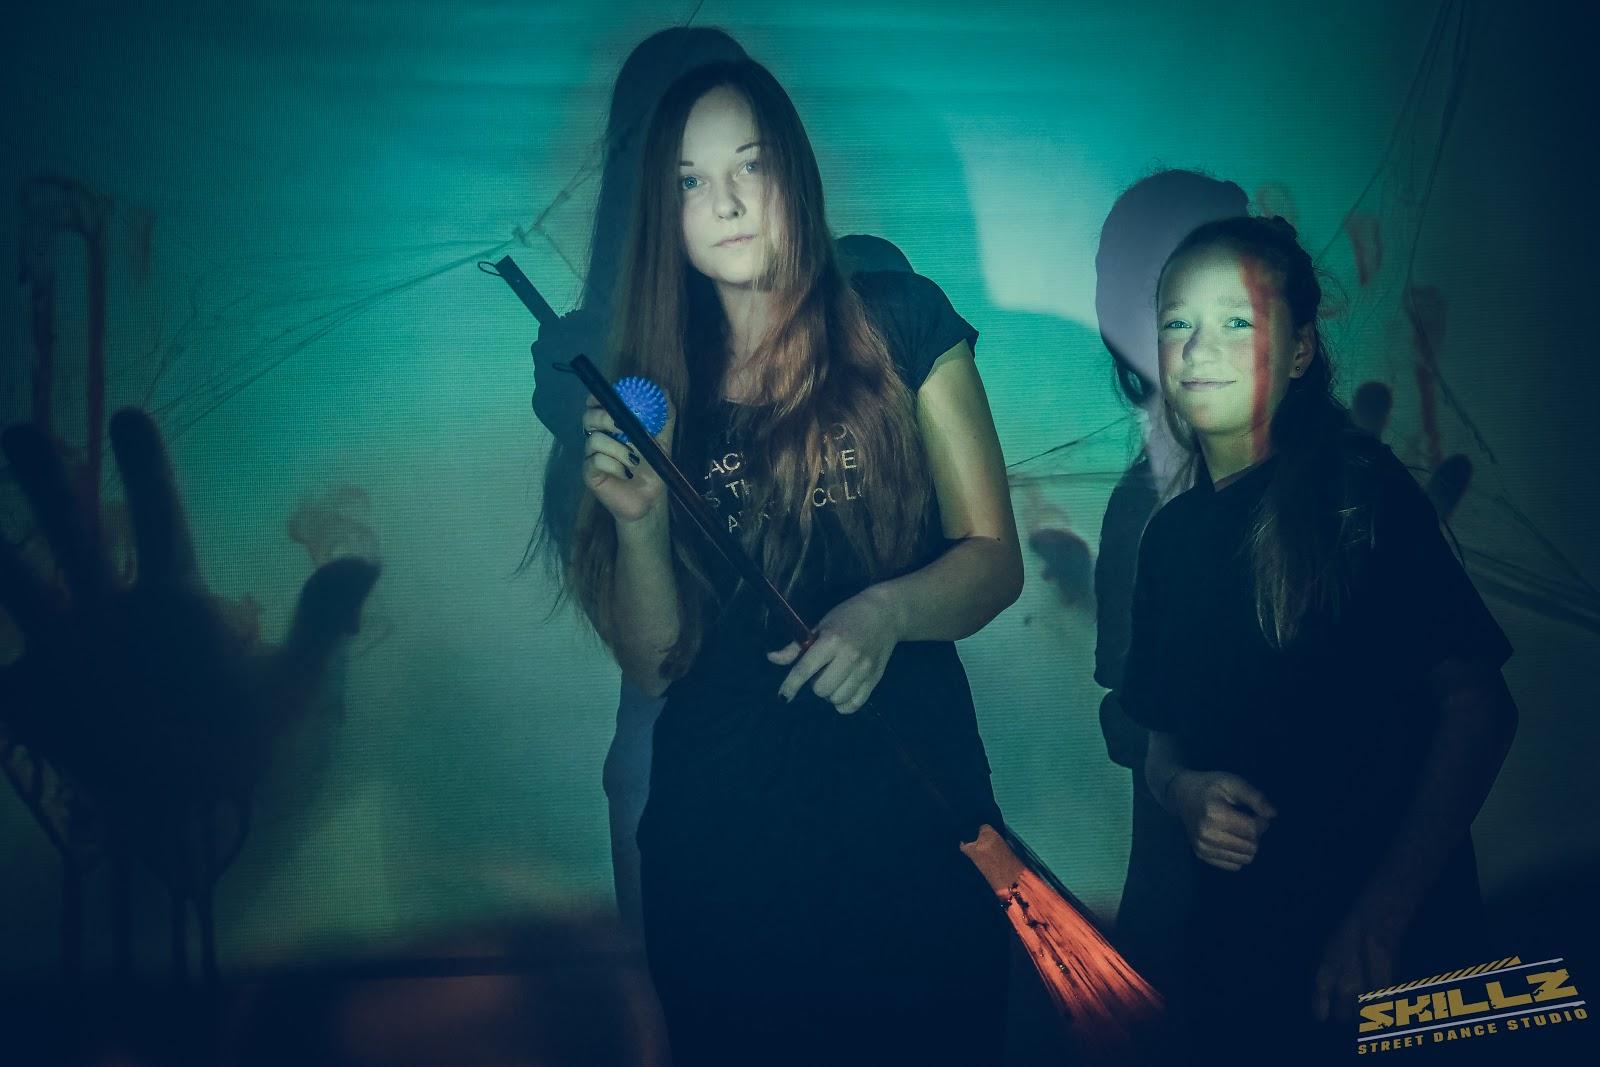 Naujikų krikštynos @SKILLZ (Halloween tema) - PANA1767.jpg